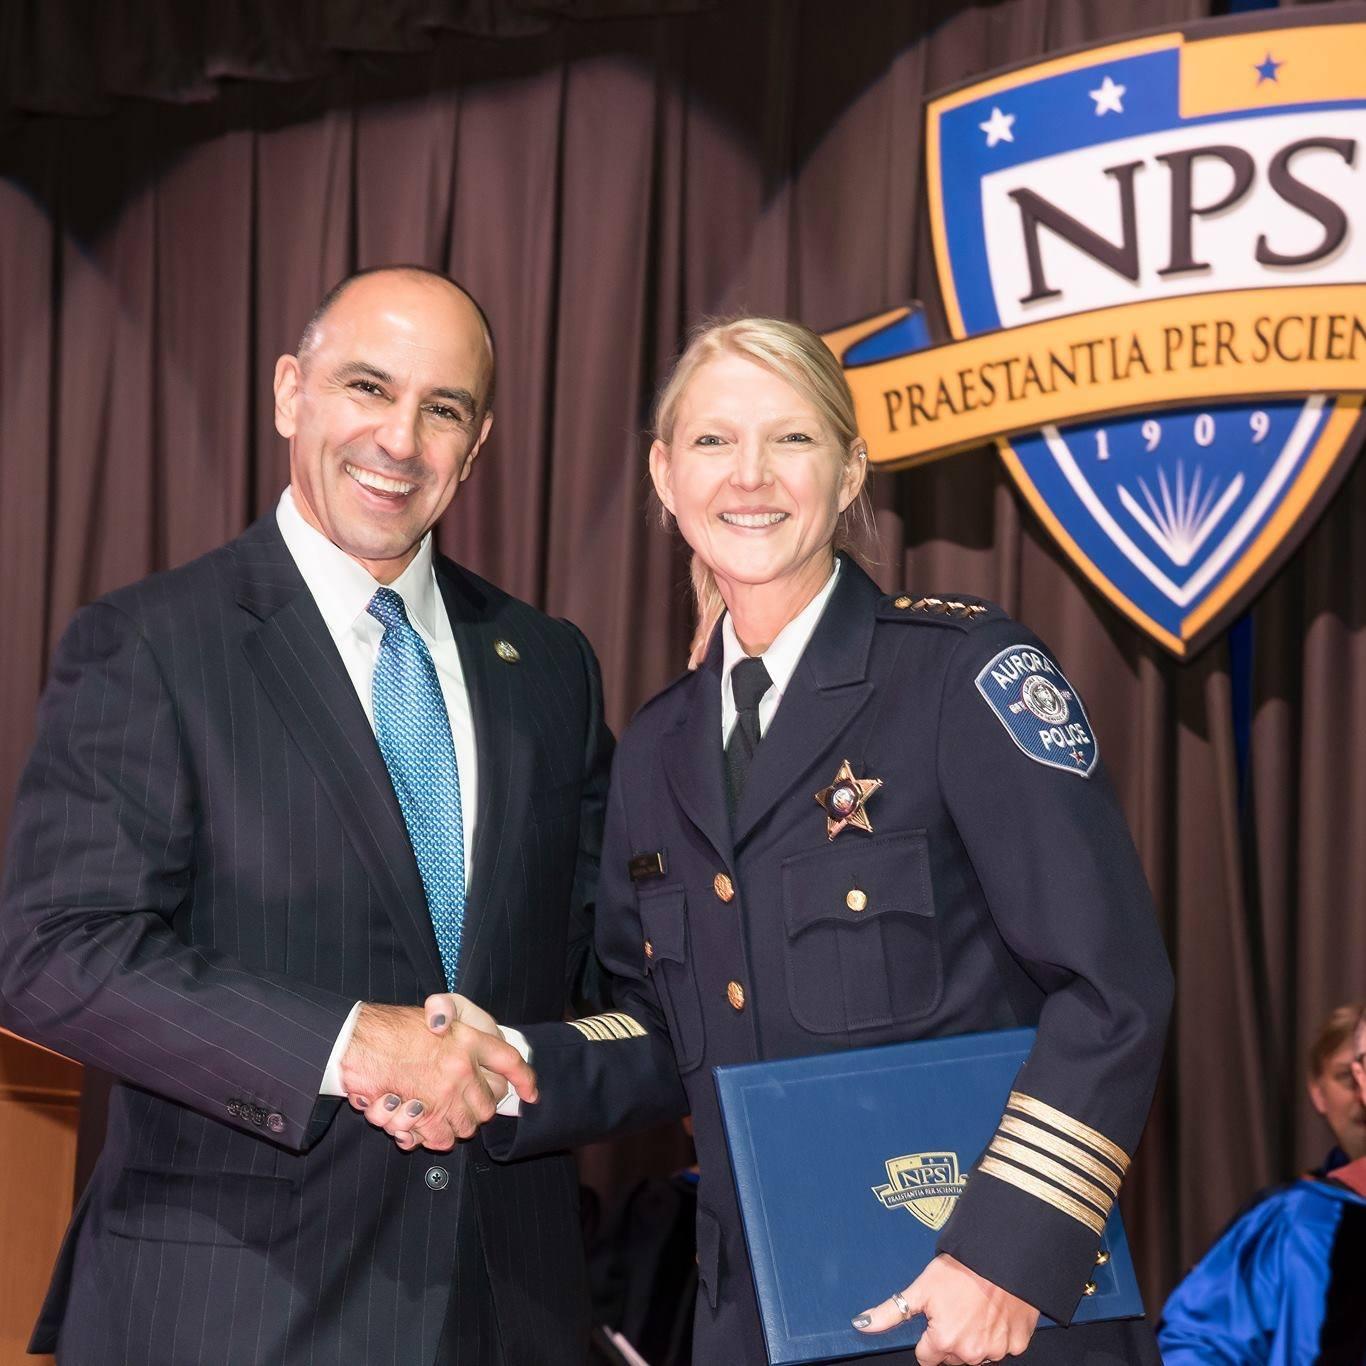 Aurora Police Chief Kristen Ziman. (Facebook)